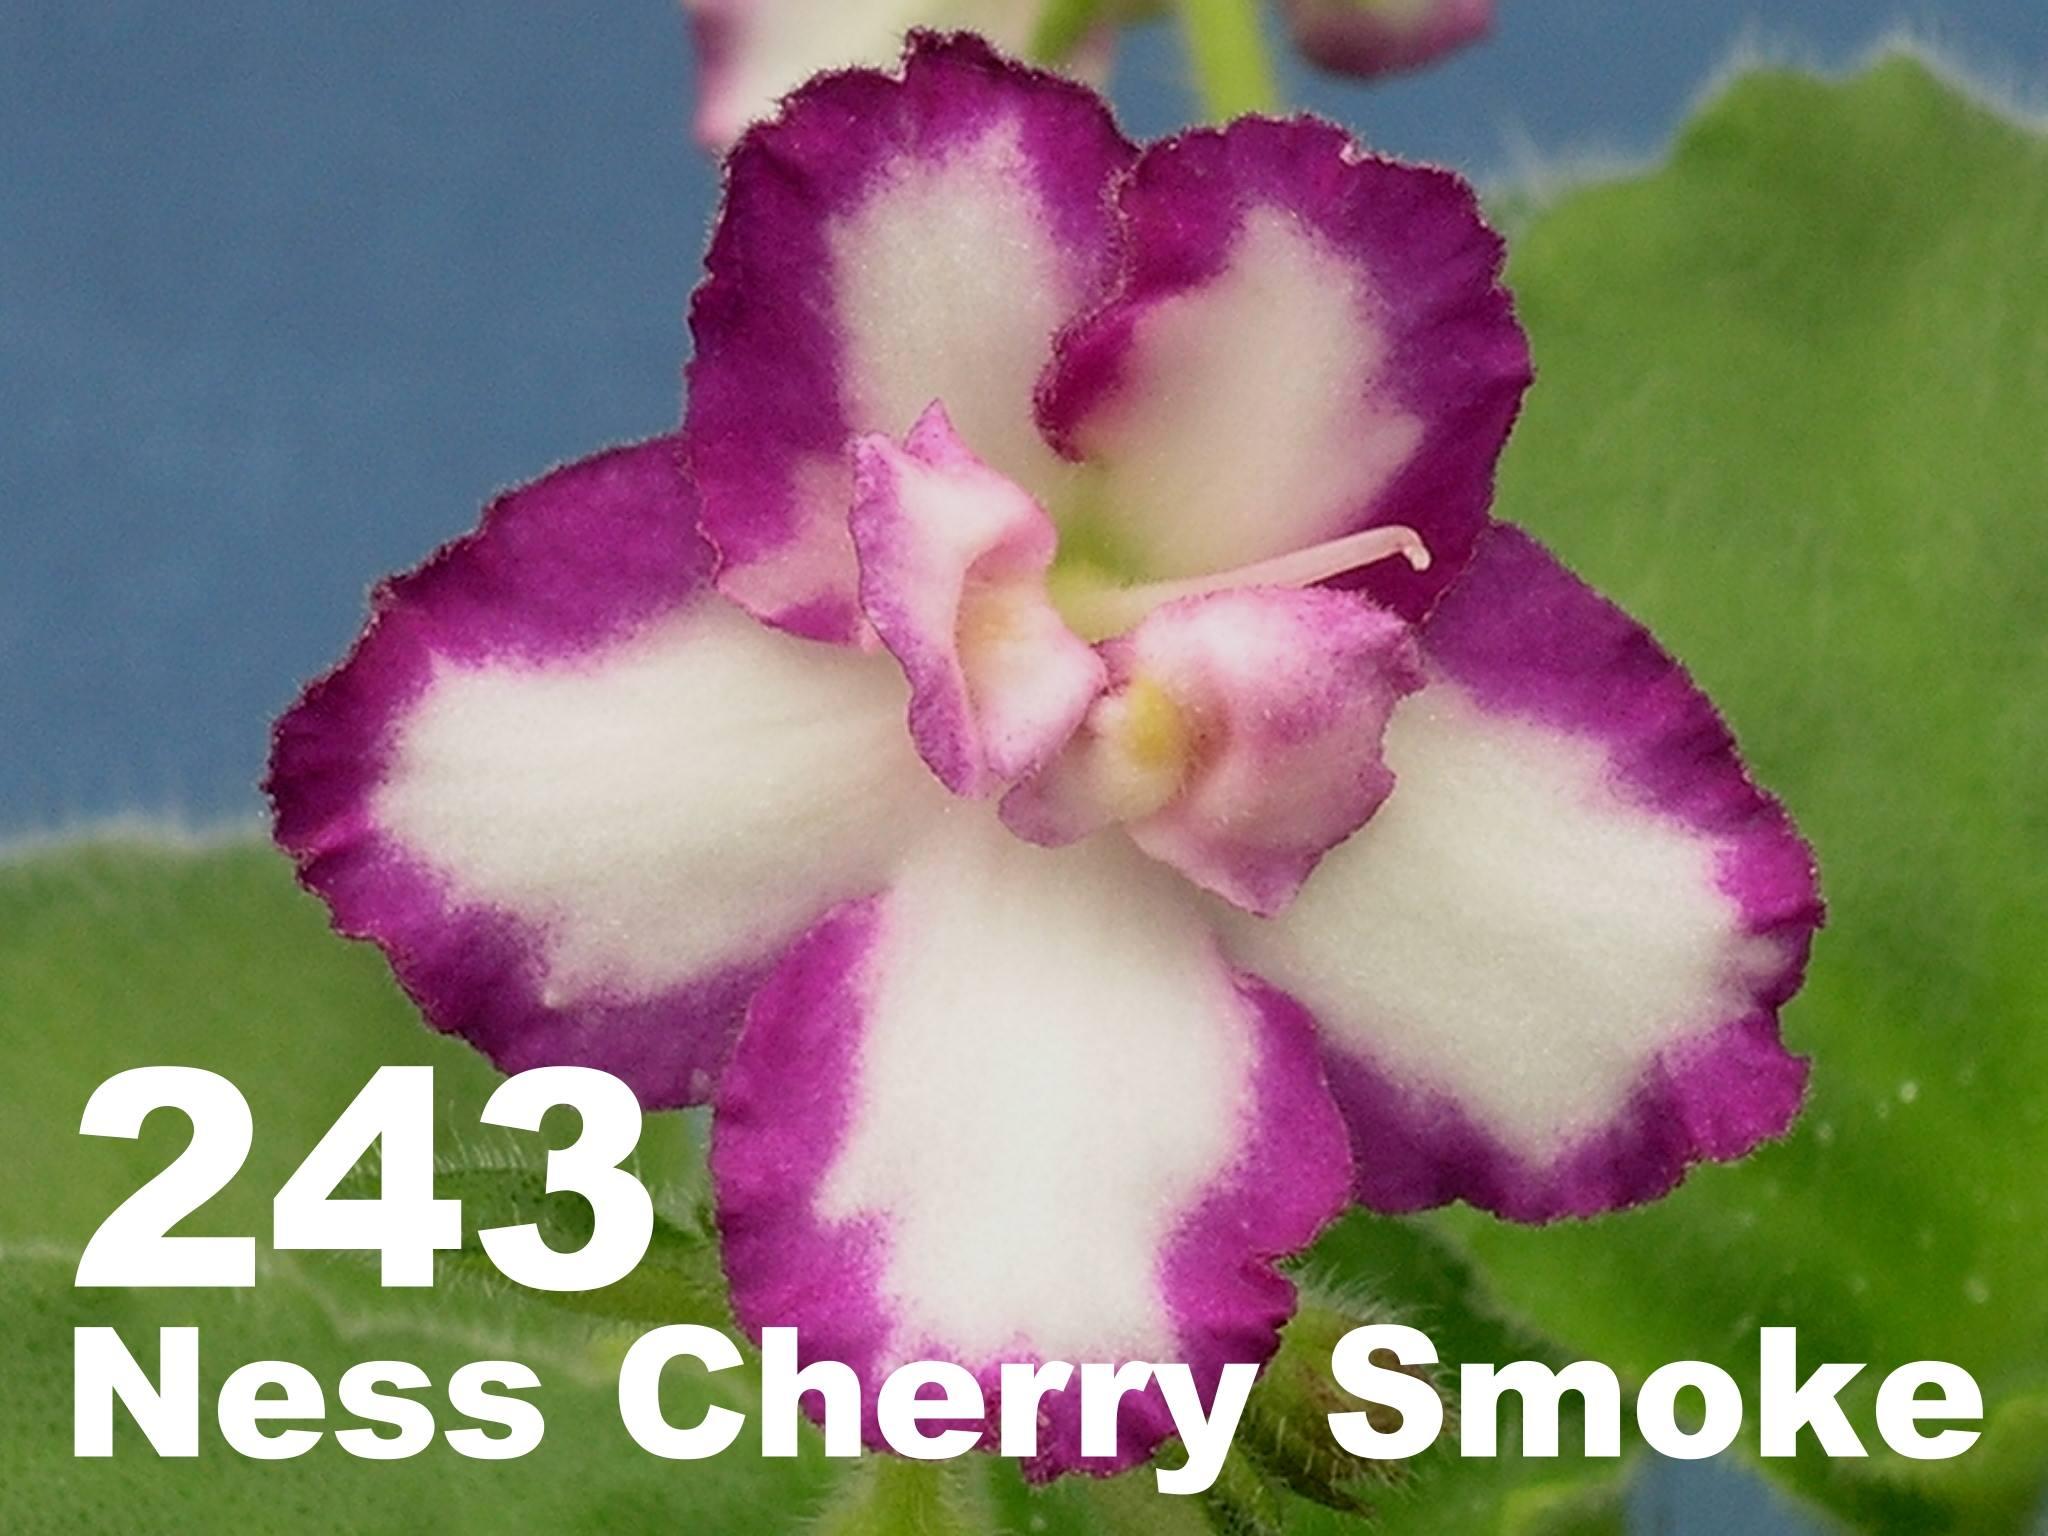 [243] Ness' Cherry Smoke 243